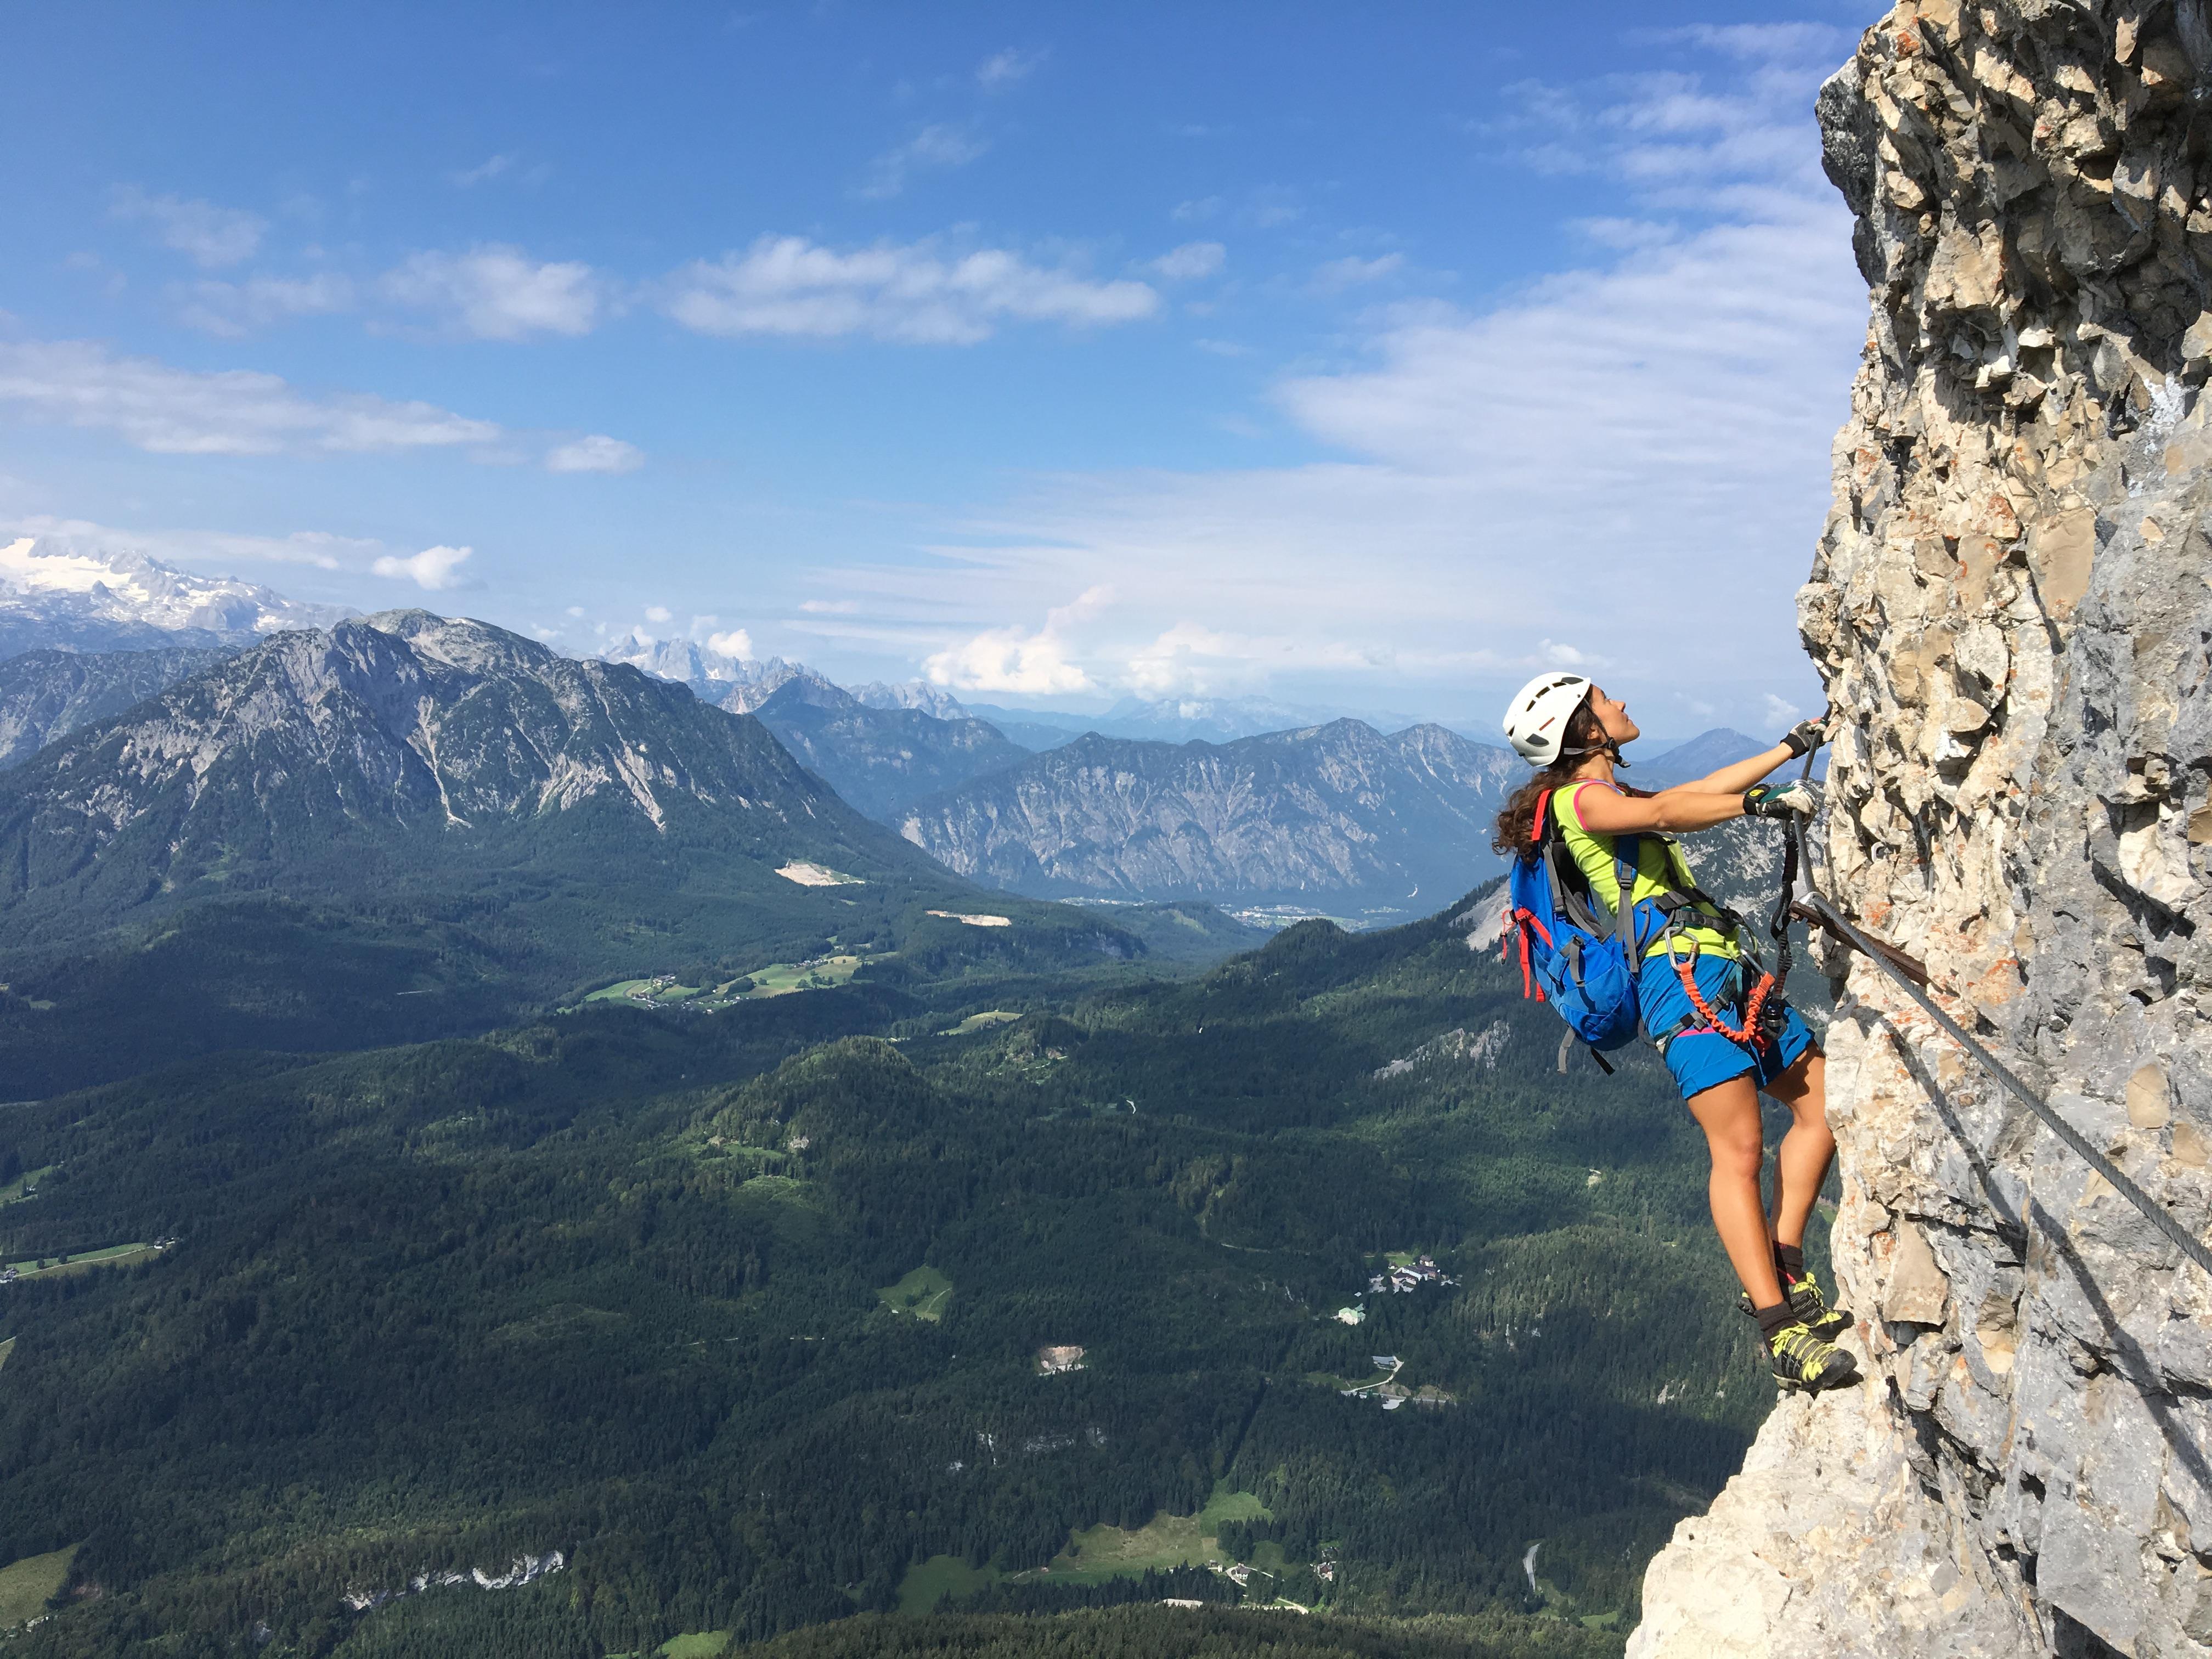 Klettersteig Loser : Klettersteig erlebnis loser altaussee u herzogin sophie charlotte